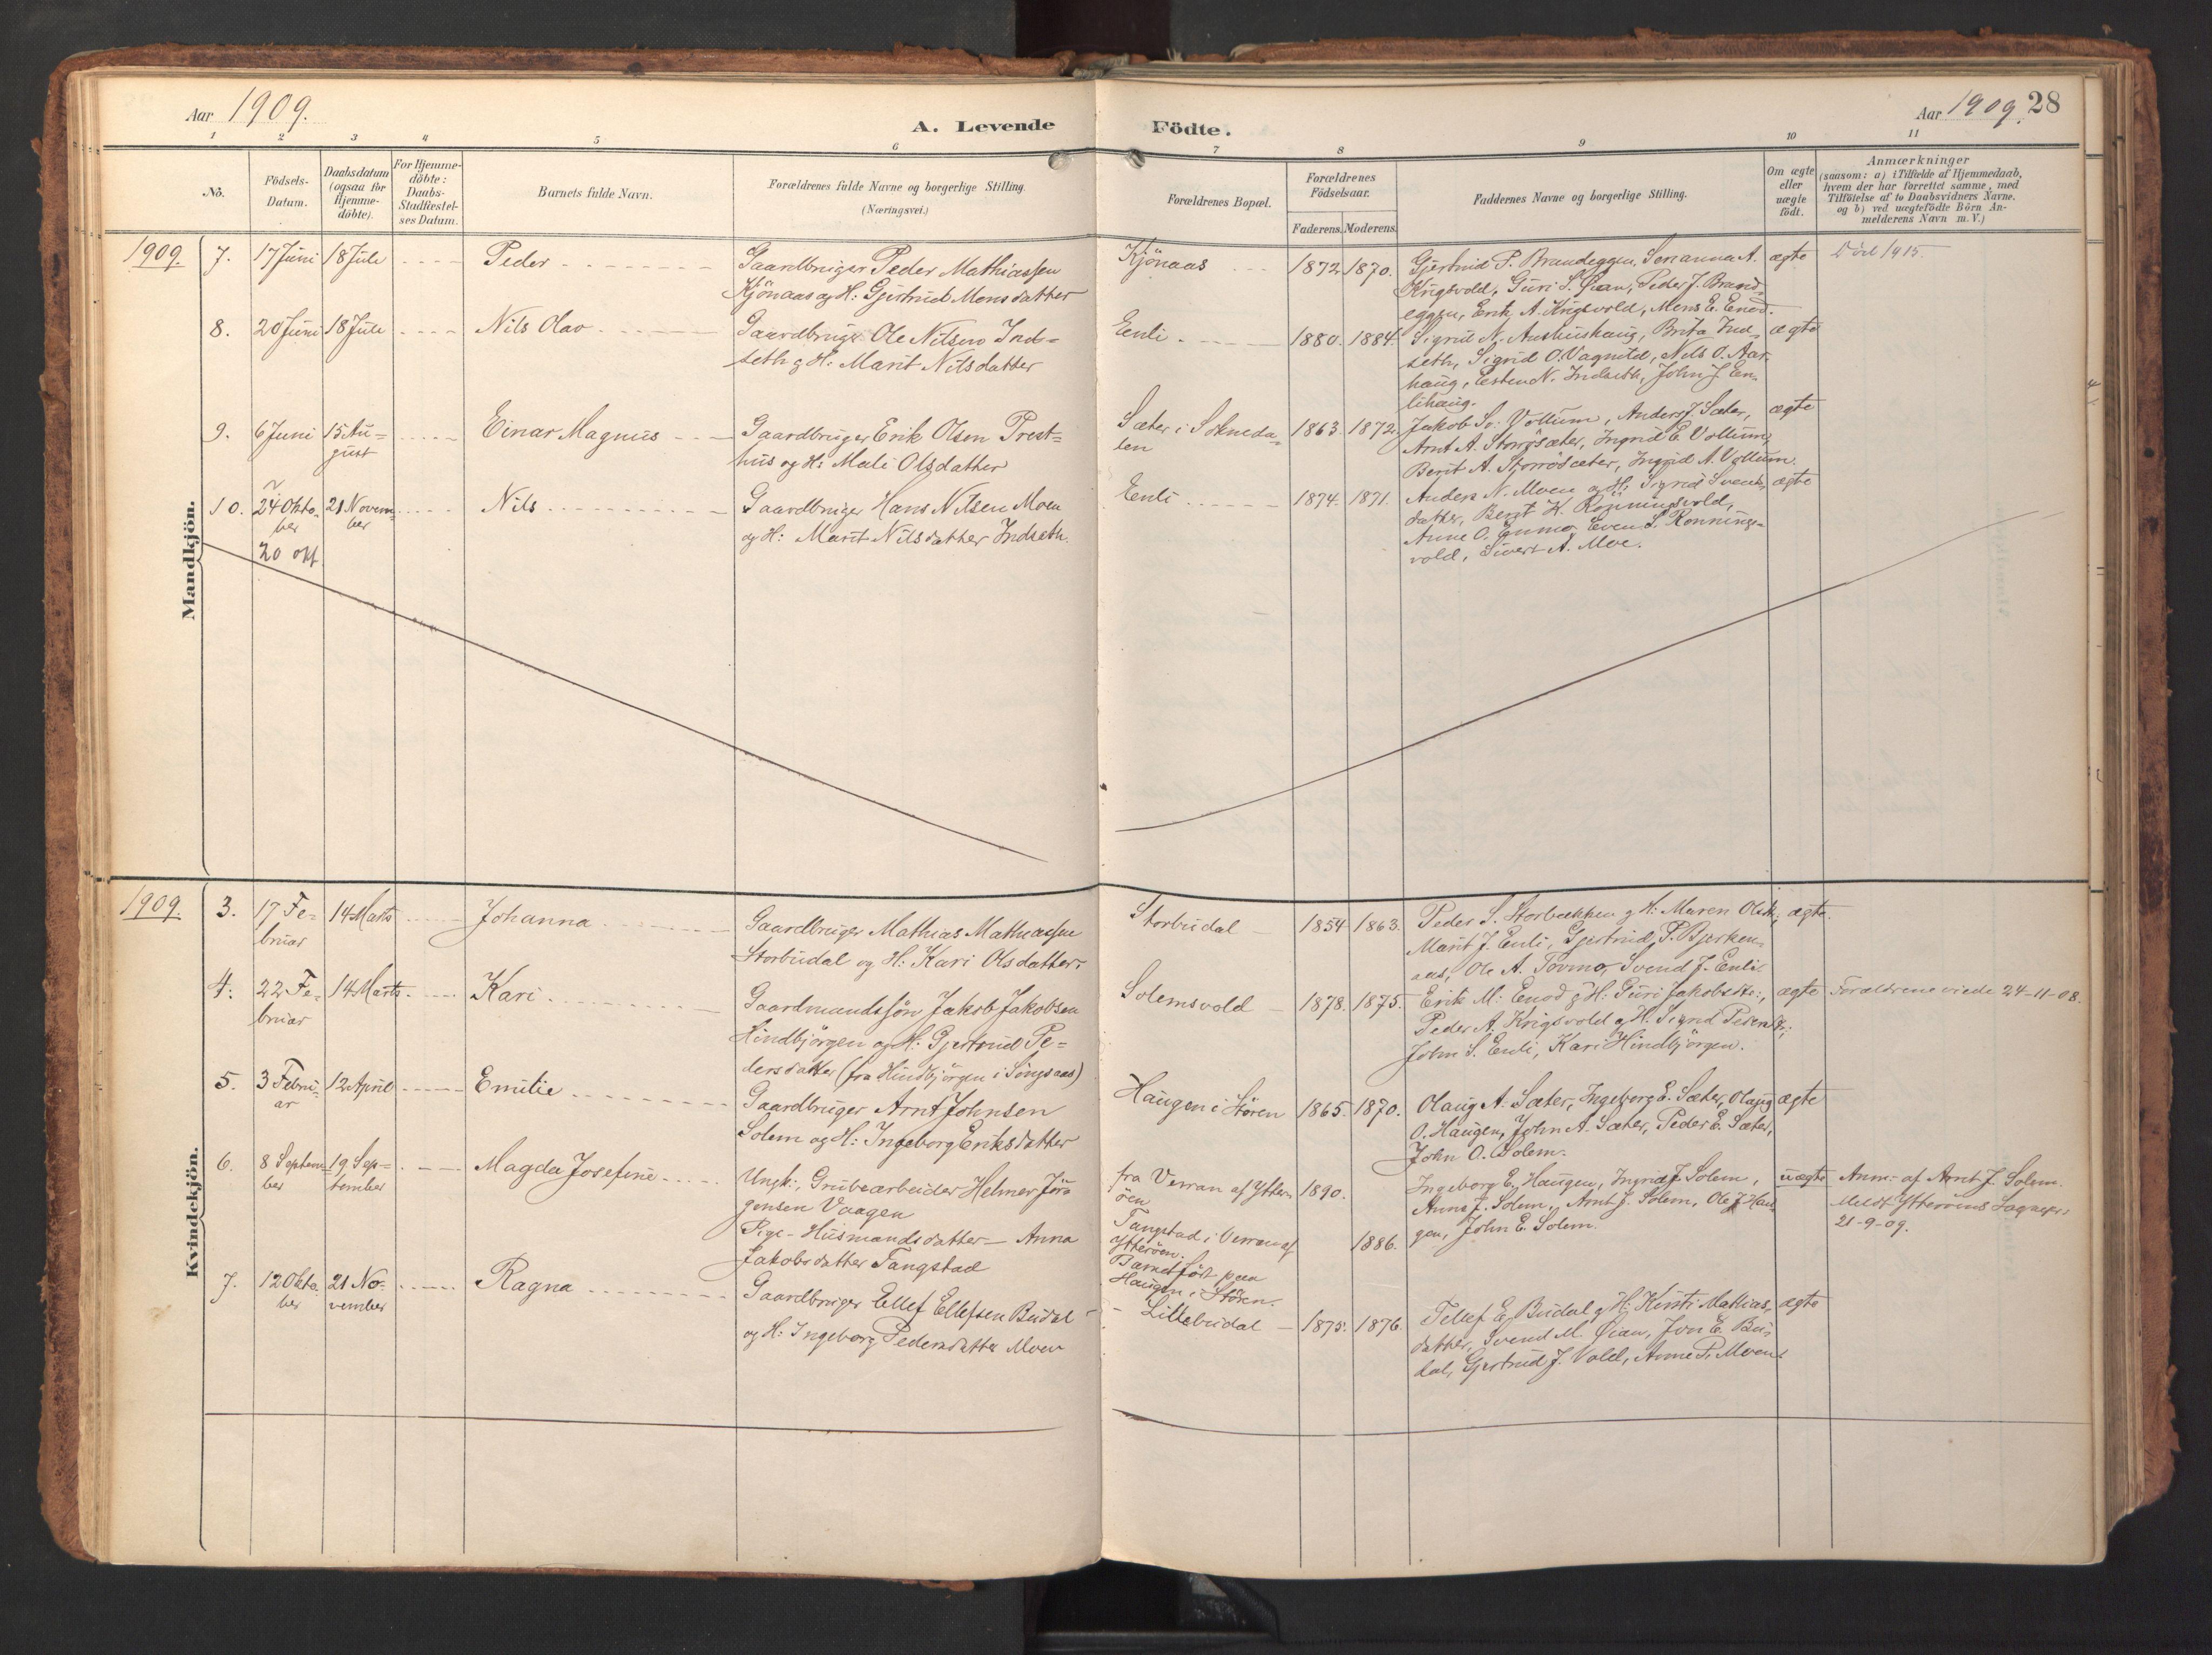 SAT, Ministerialprotokoller, klokkerbøker og fødselsregistre - Sør-Trøndelag, 690/L1050: Ministerialbok nr. 690A01, 1889-1929, s. 28